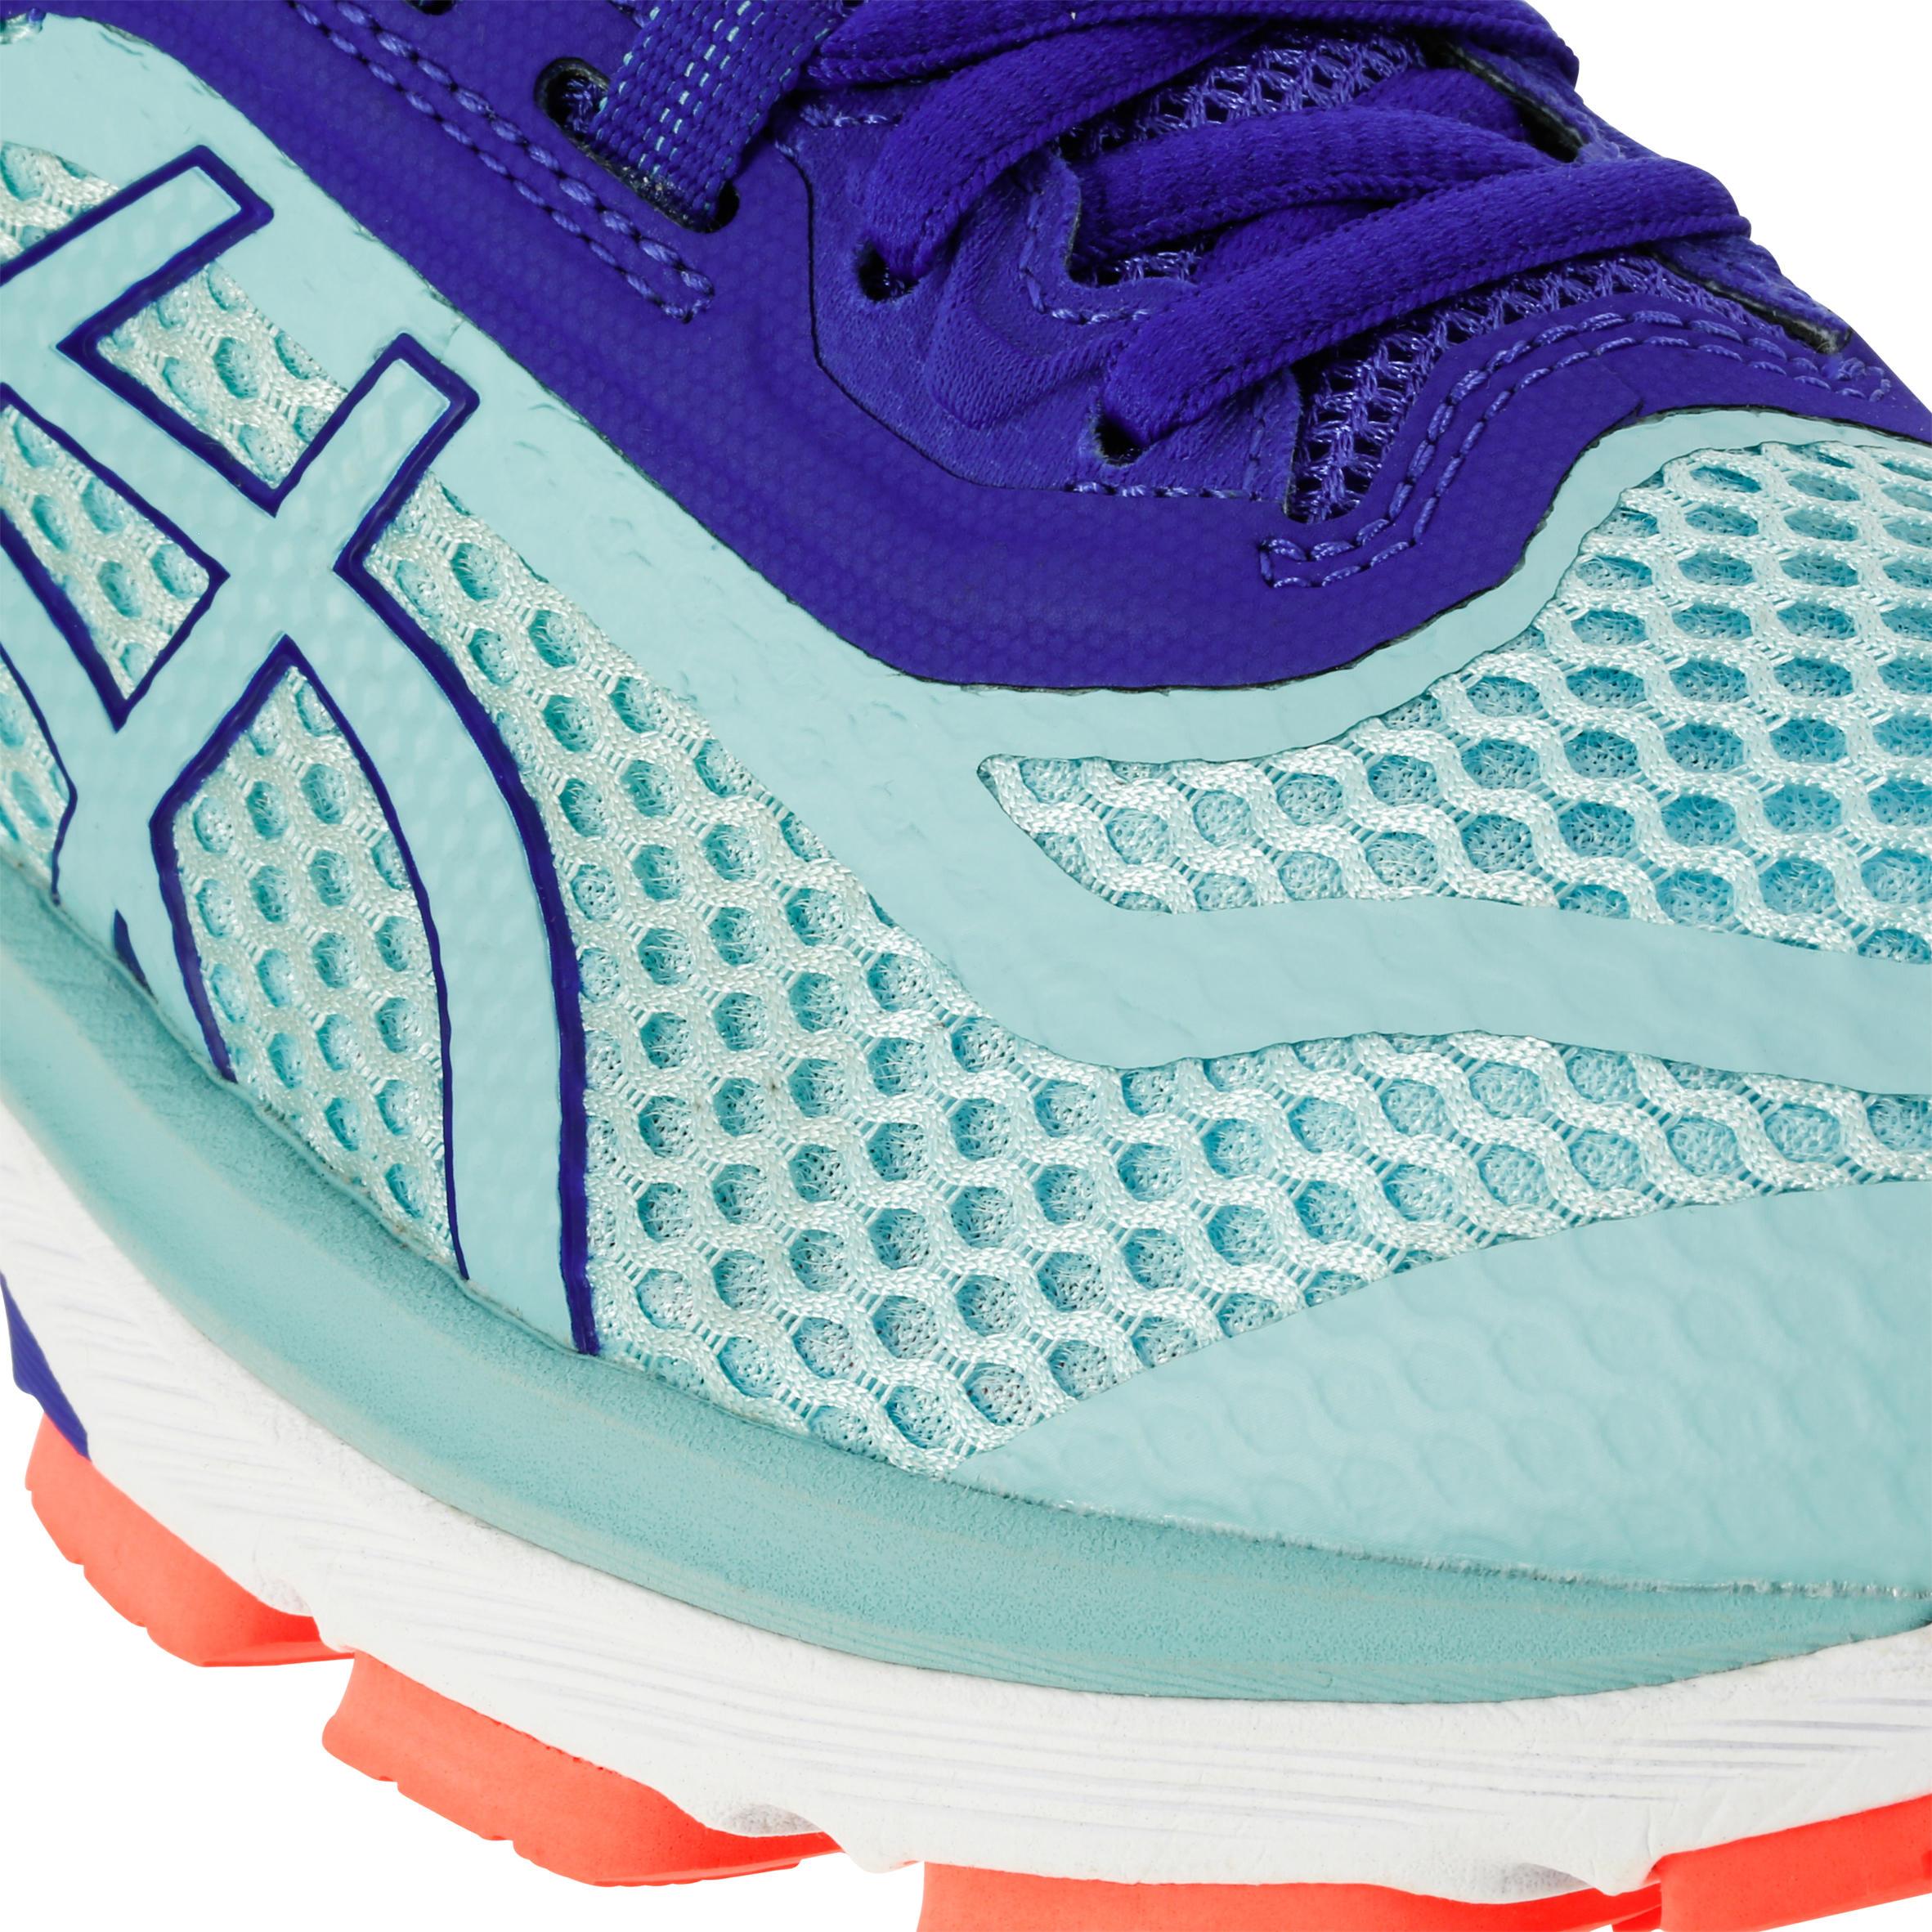 6 Asics Pied Chaussures A Gt 2000 Running Bleu Course Gel Femme f6vgY7yb